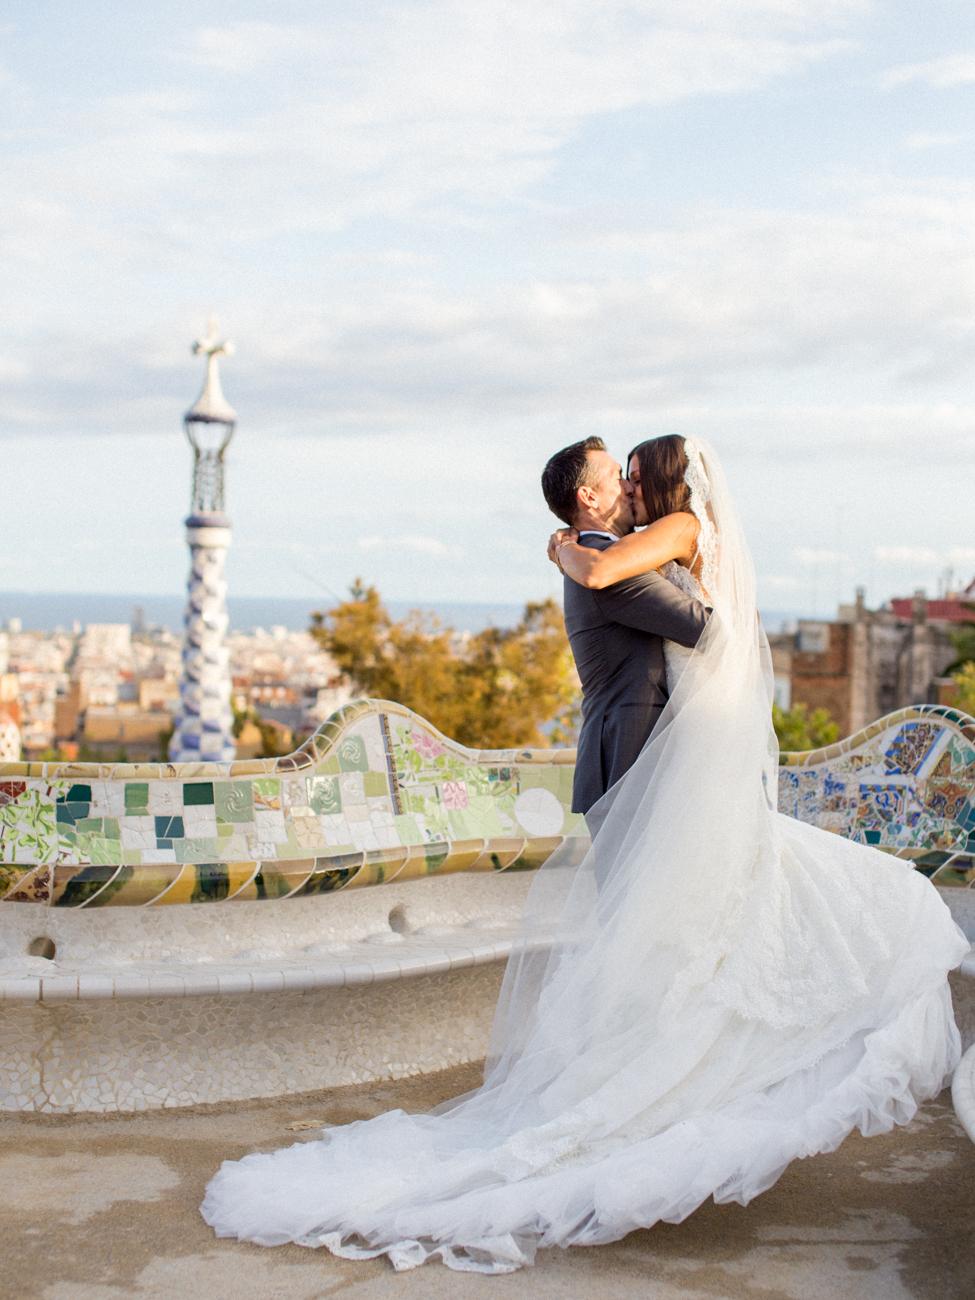 DennisRoyCoronel_Barcelona_Wedding-57.jpg